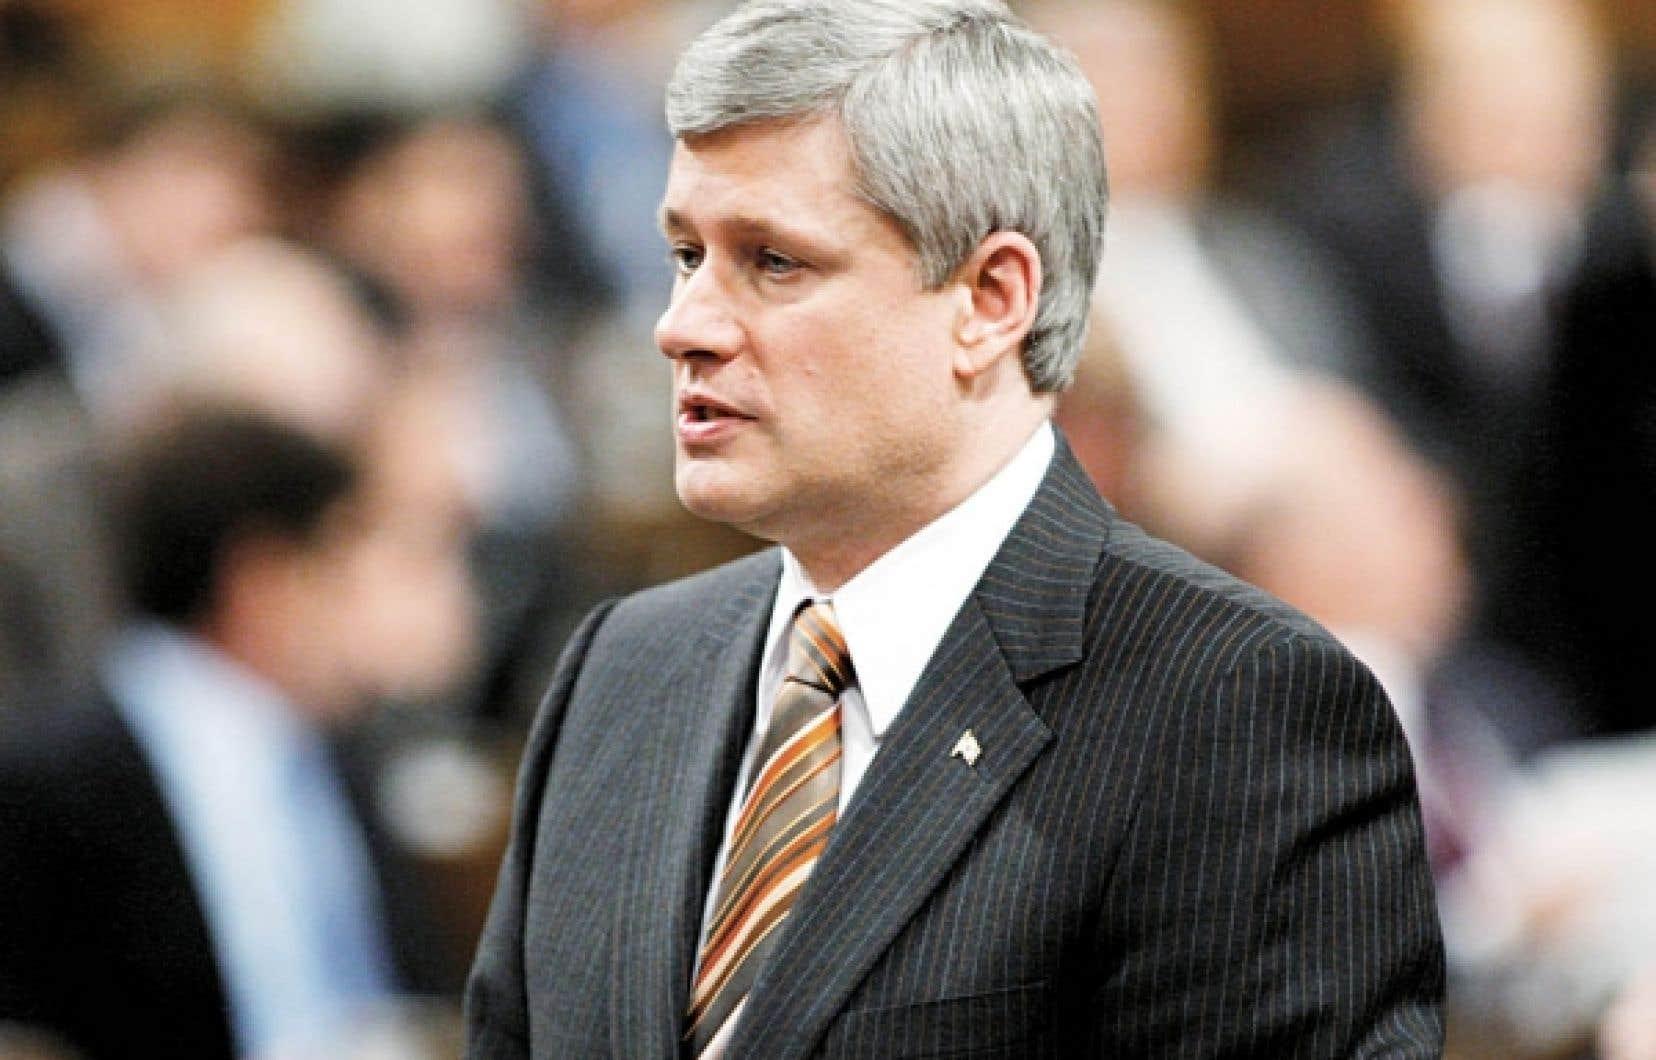 «Nous pouvons concentrer nos efforts sur des choses qui unissent la population du Canada et non pas sur des choses qui la divisent», a dit Stephen Harper hier, faisant référence à une motion libérale sur la santé maternelle, votée il y a un mois, et qui ne faisait pas mention de l'avortement.